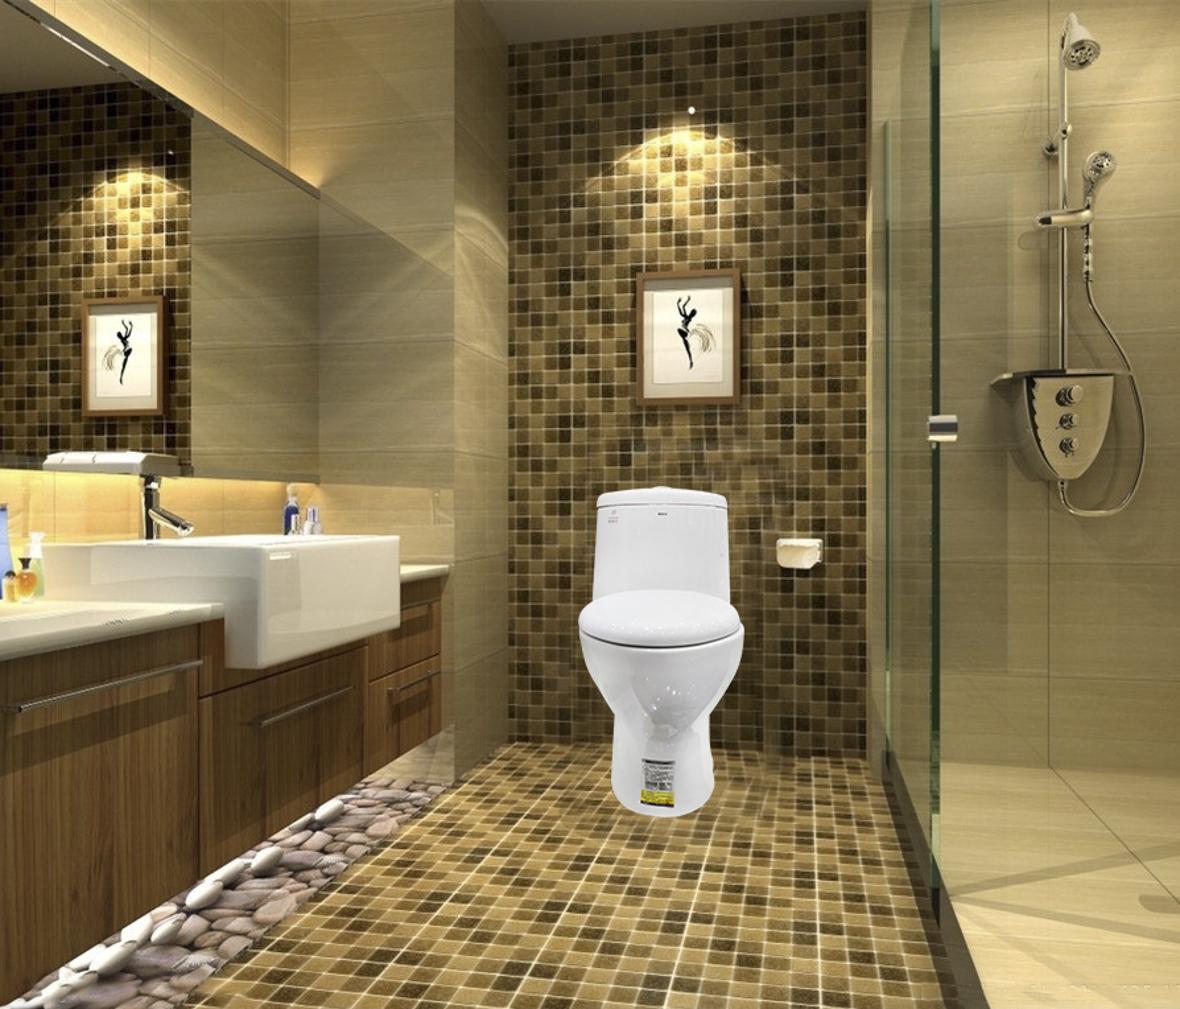 厕所 家居 设计 卫生间 卫生间装修 装修 1180_1009